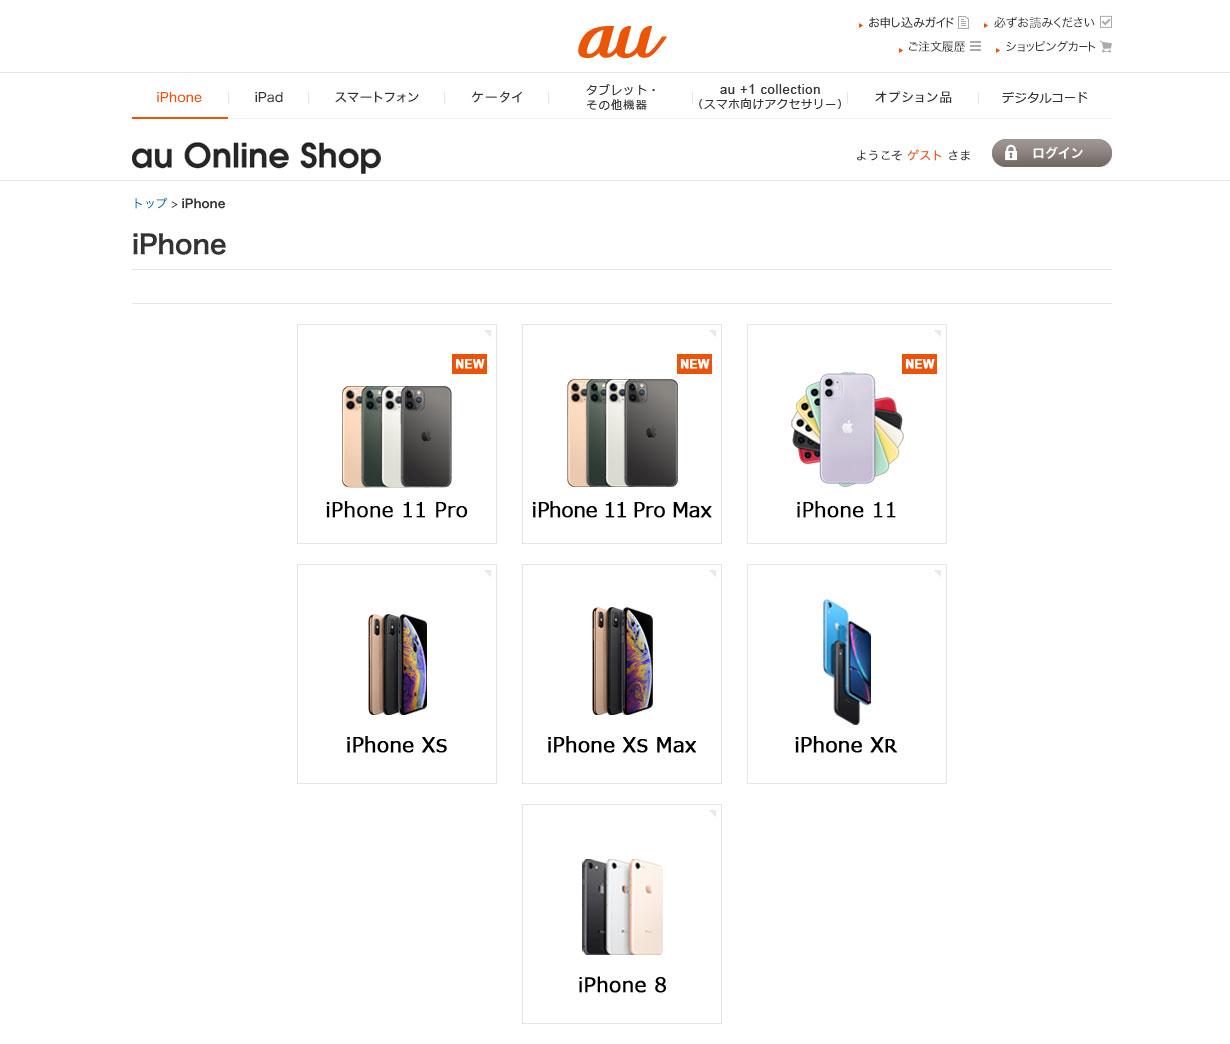 auオンラインショップのiphoneラインナップ